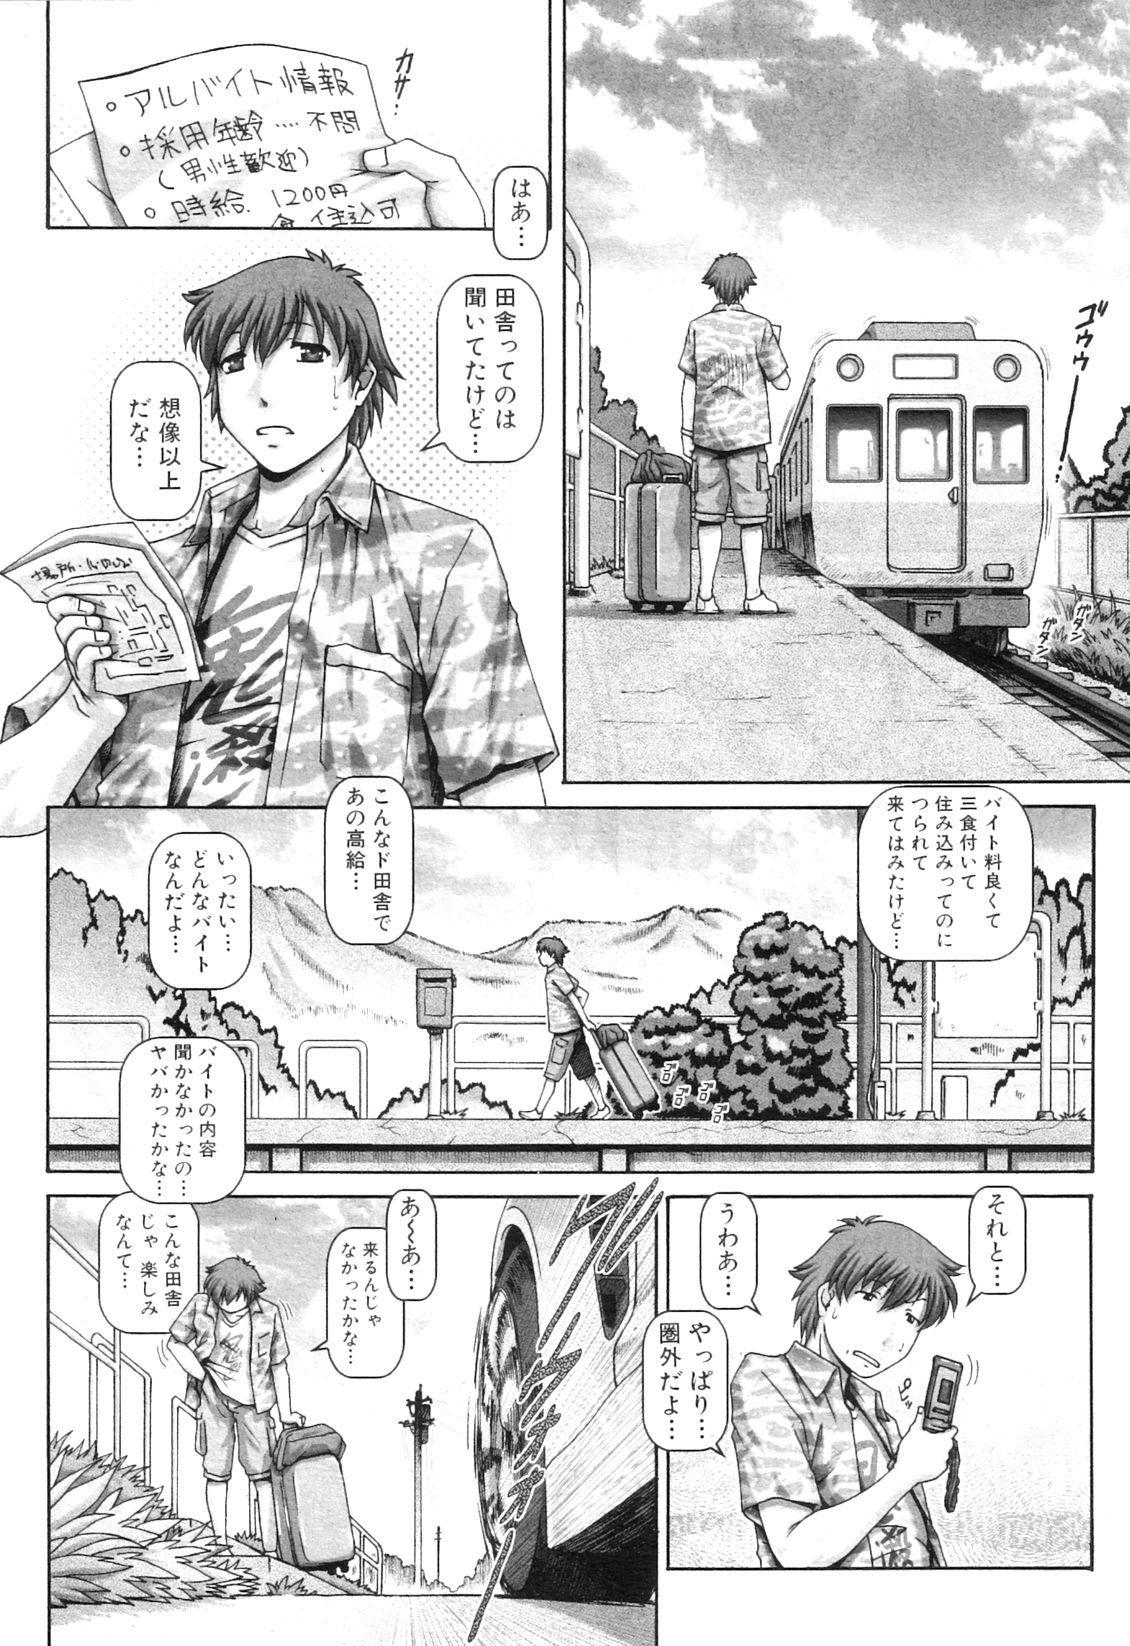 Ayakashiyakata no Tamahime 5